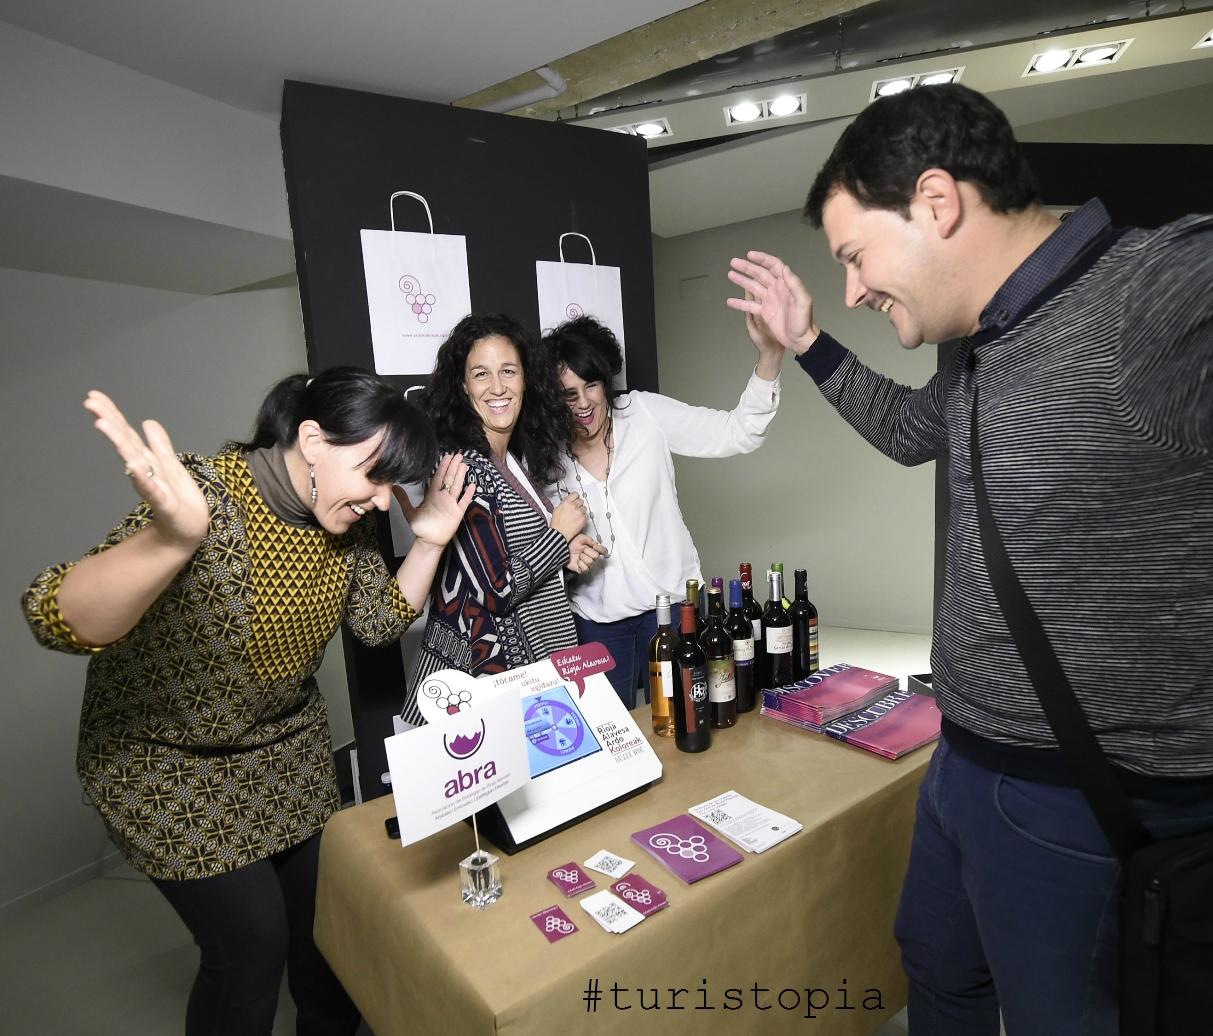 ABRA - celebrando el vino